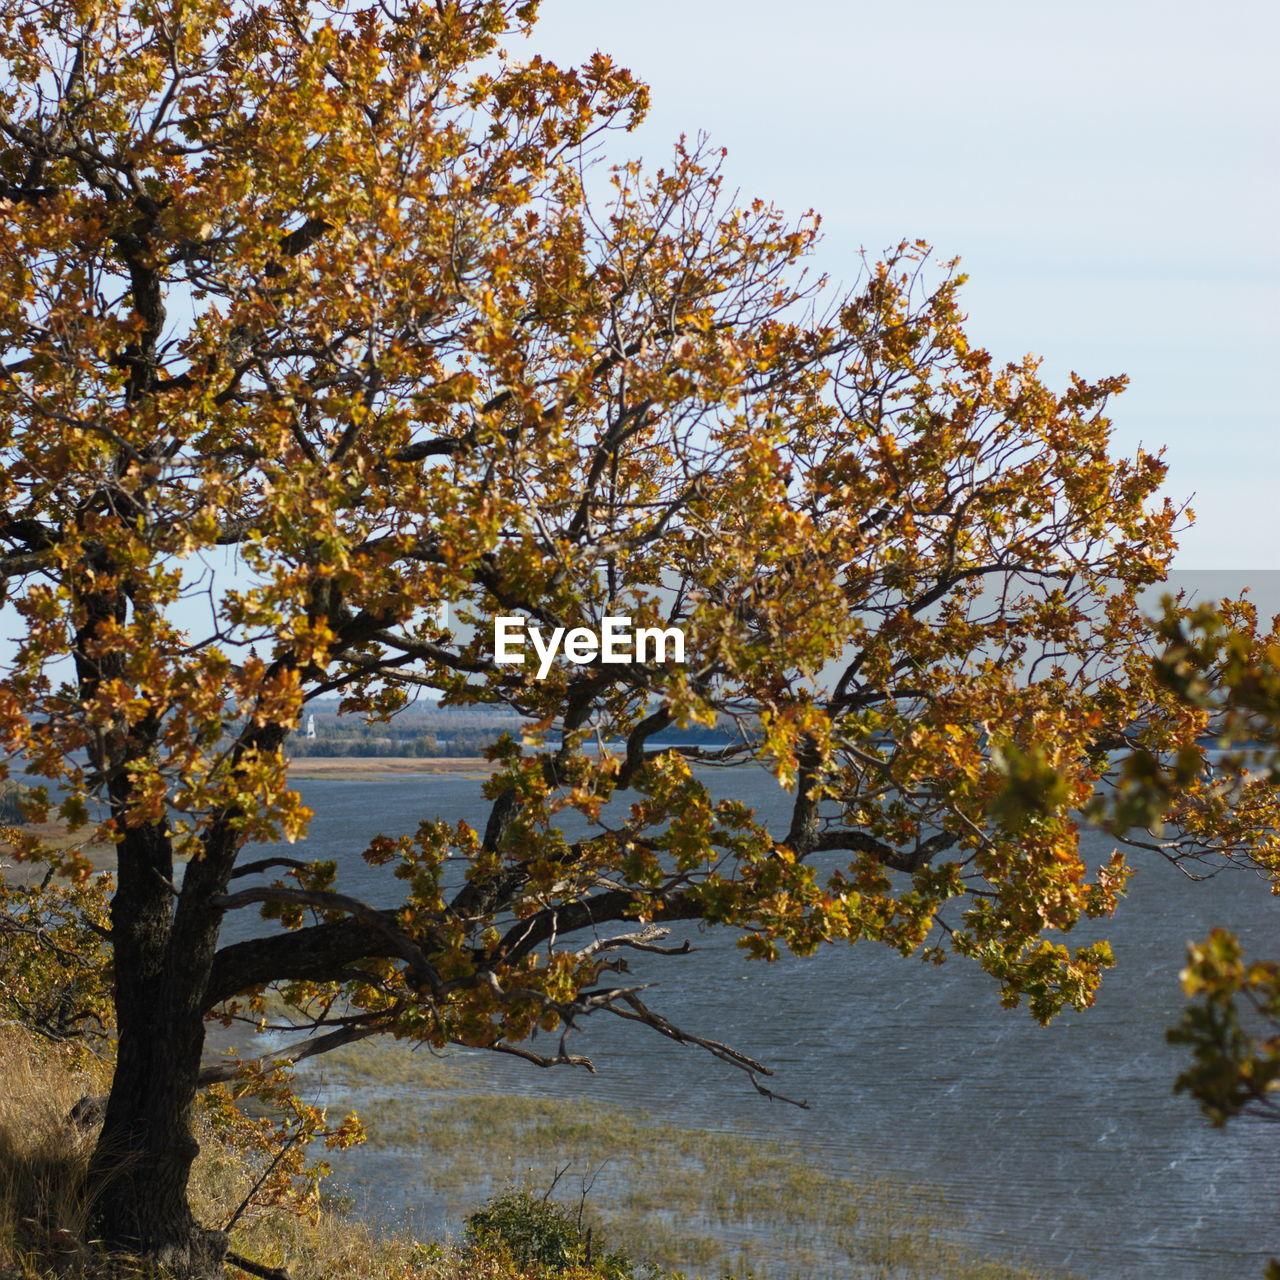 TREES IN WATER AGAINST SKY